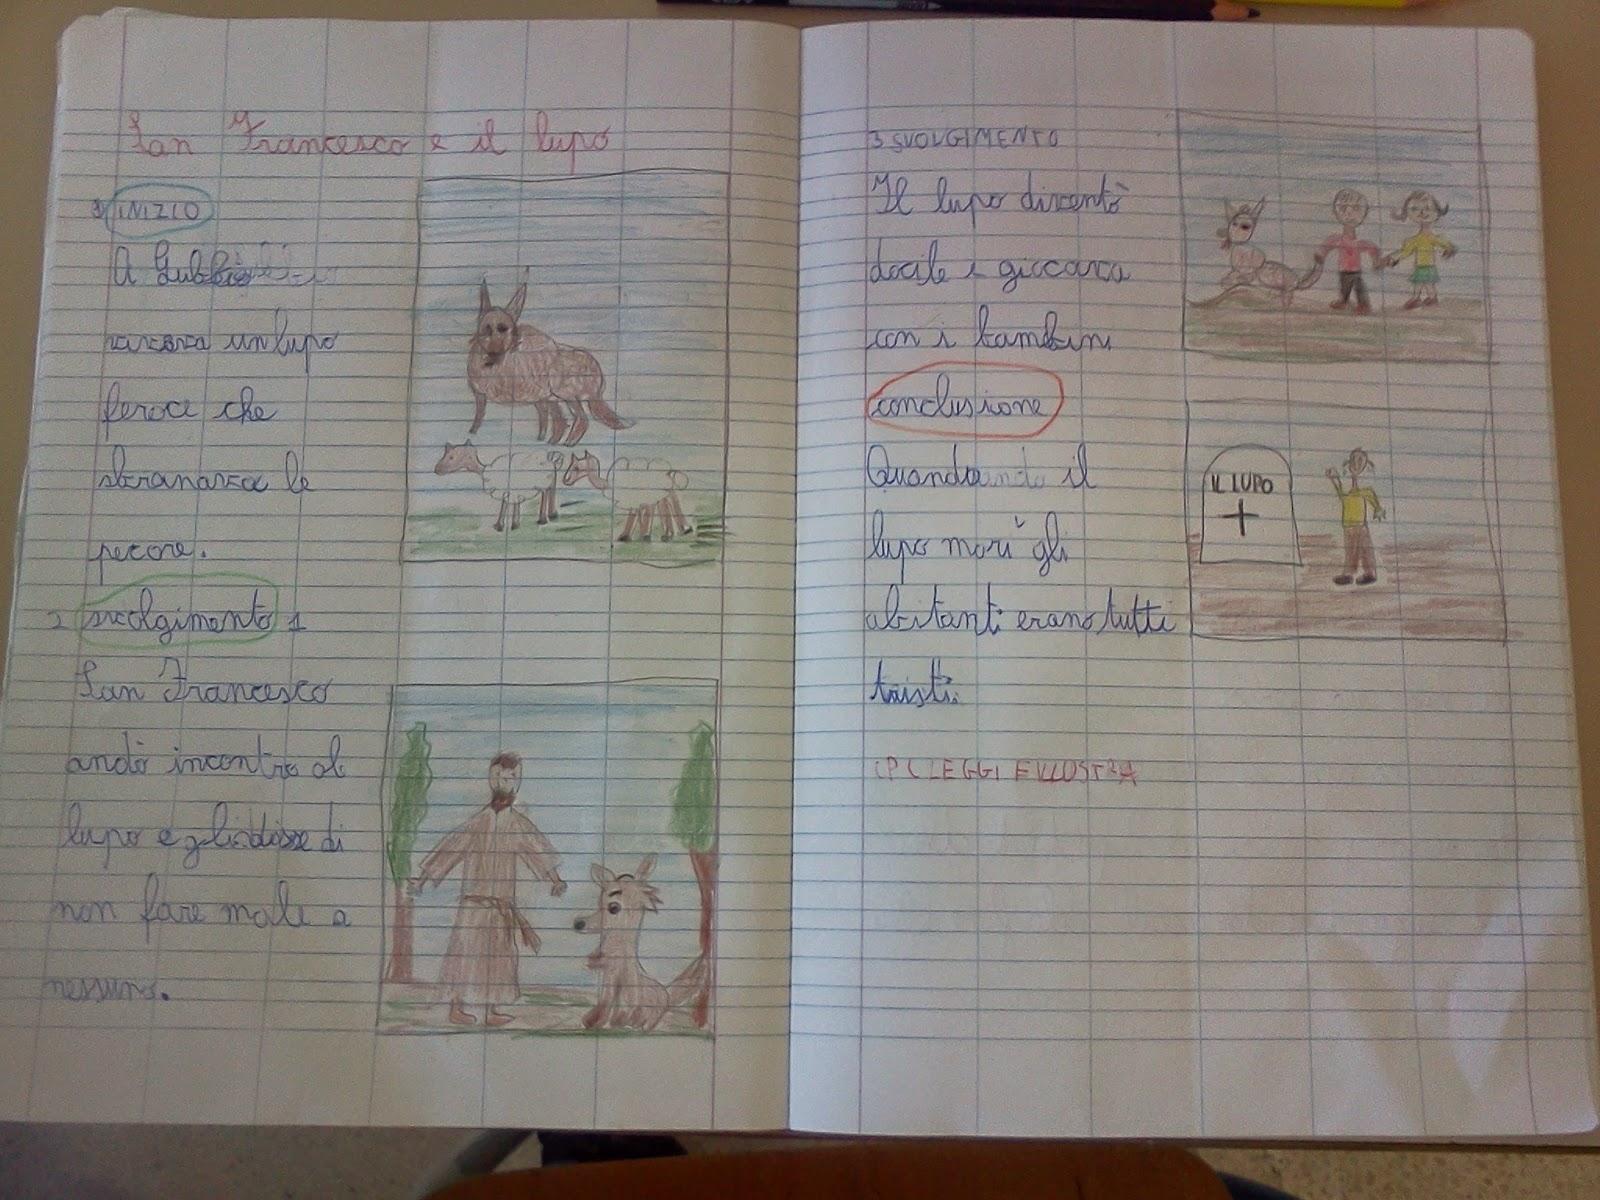 Conosciuto diario di classe: ottobre 2014 GW83